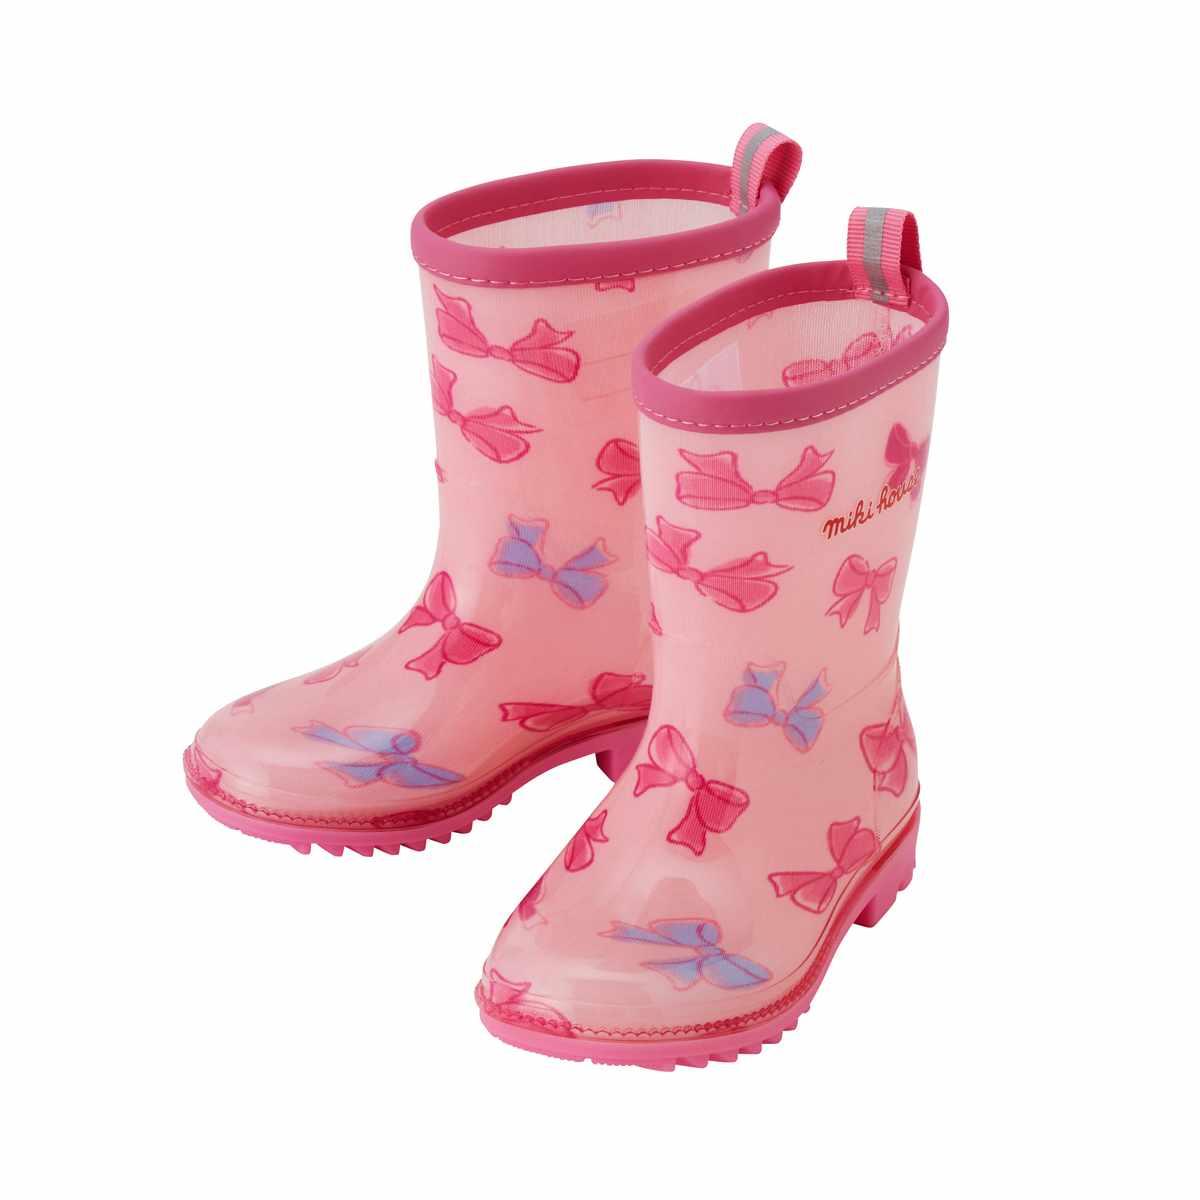 ☆ ミキハウス mikiHOUSEリボンいっぱい♪レインブーツ(長靴)(15cm-21cm)【10-9463-614】